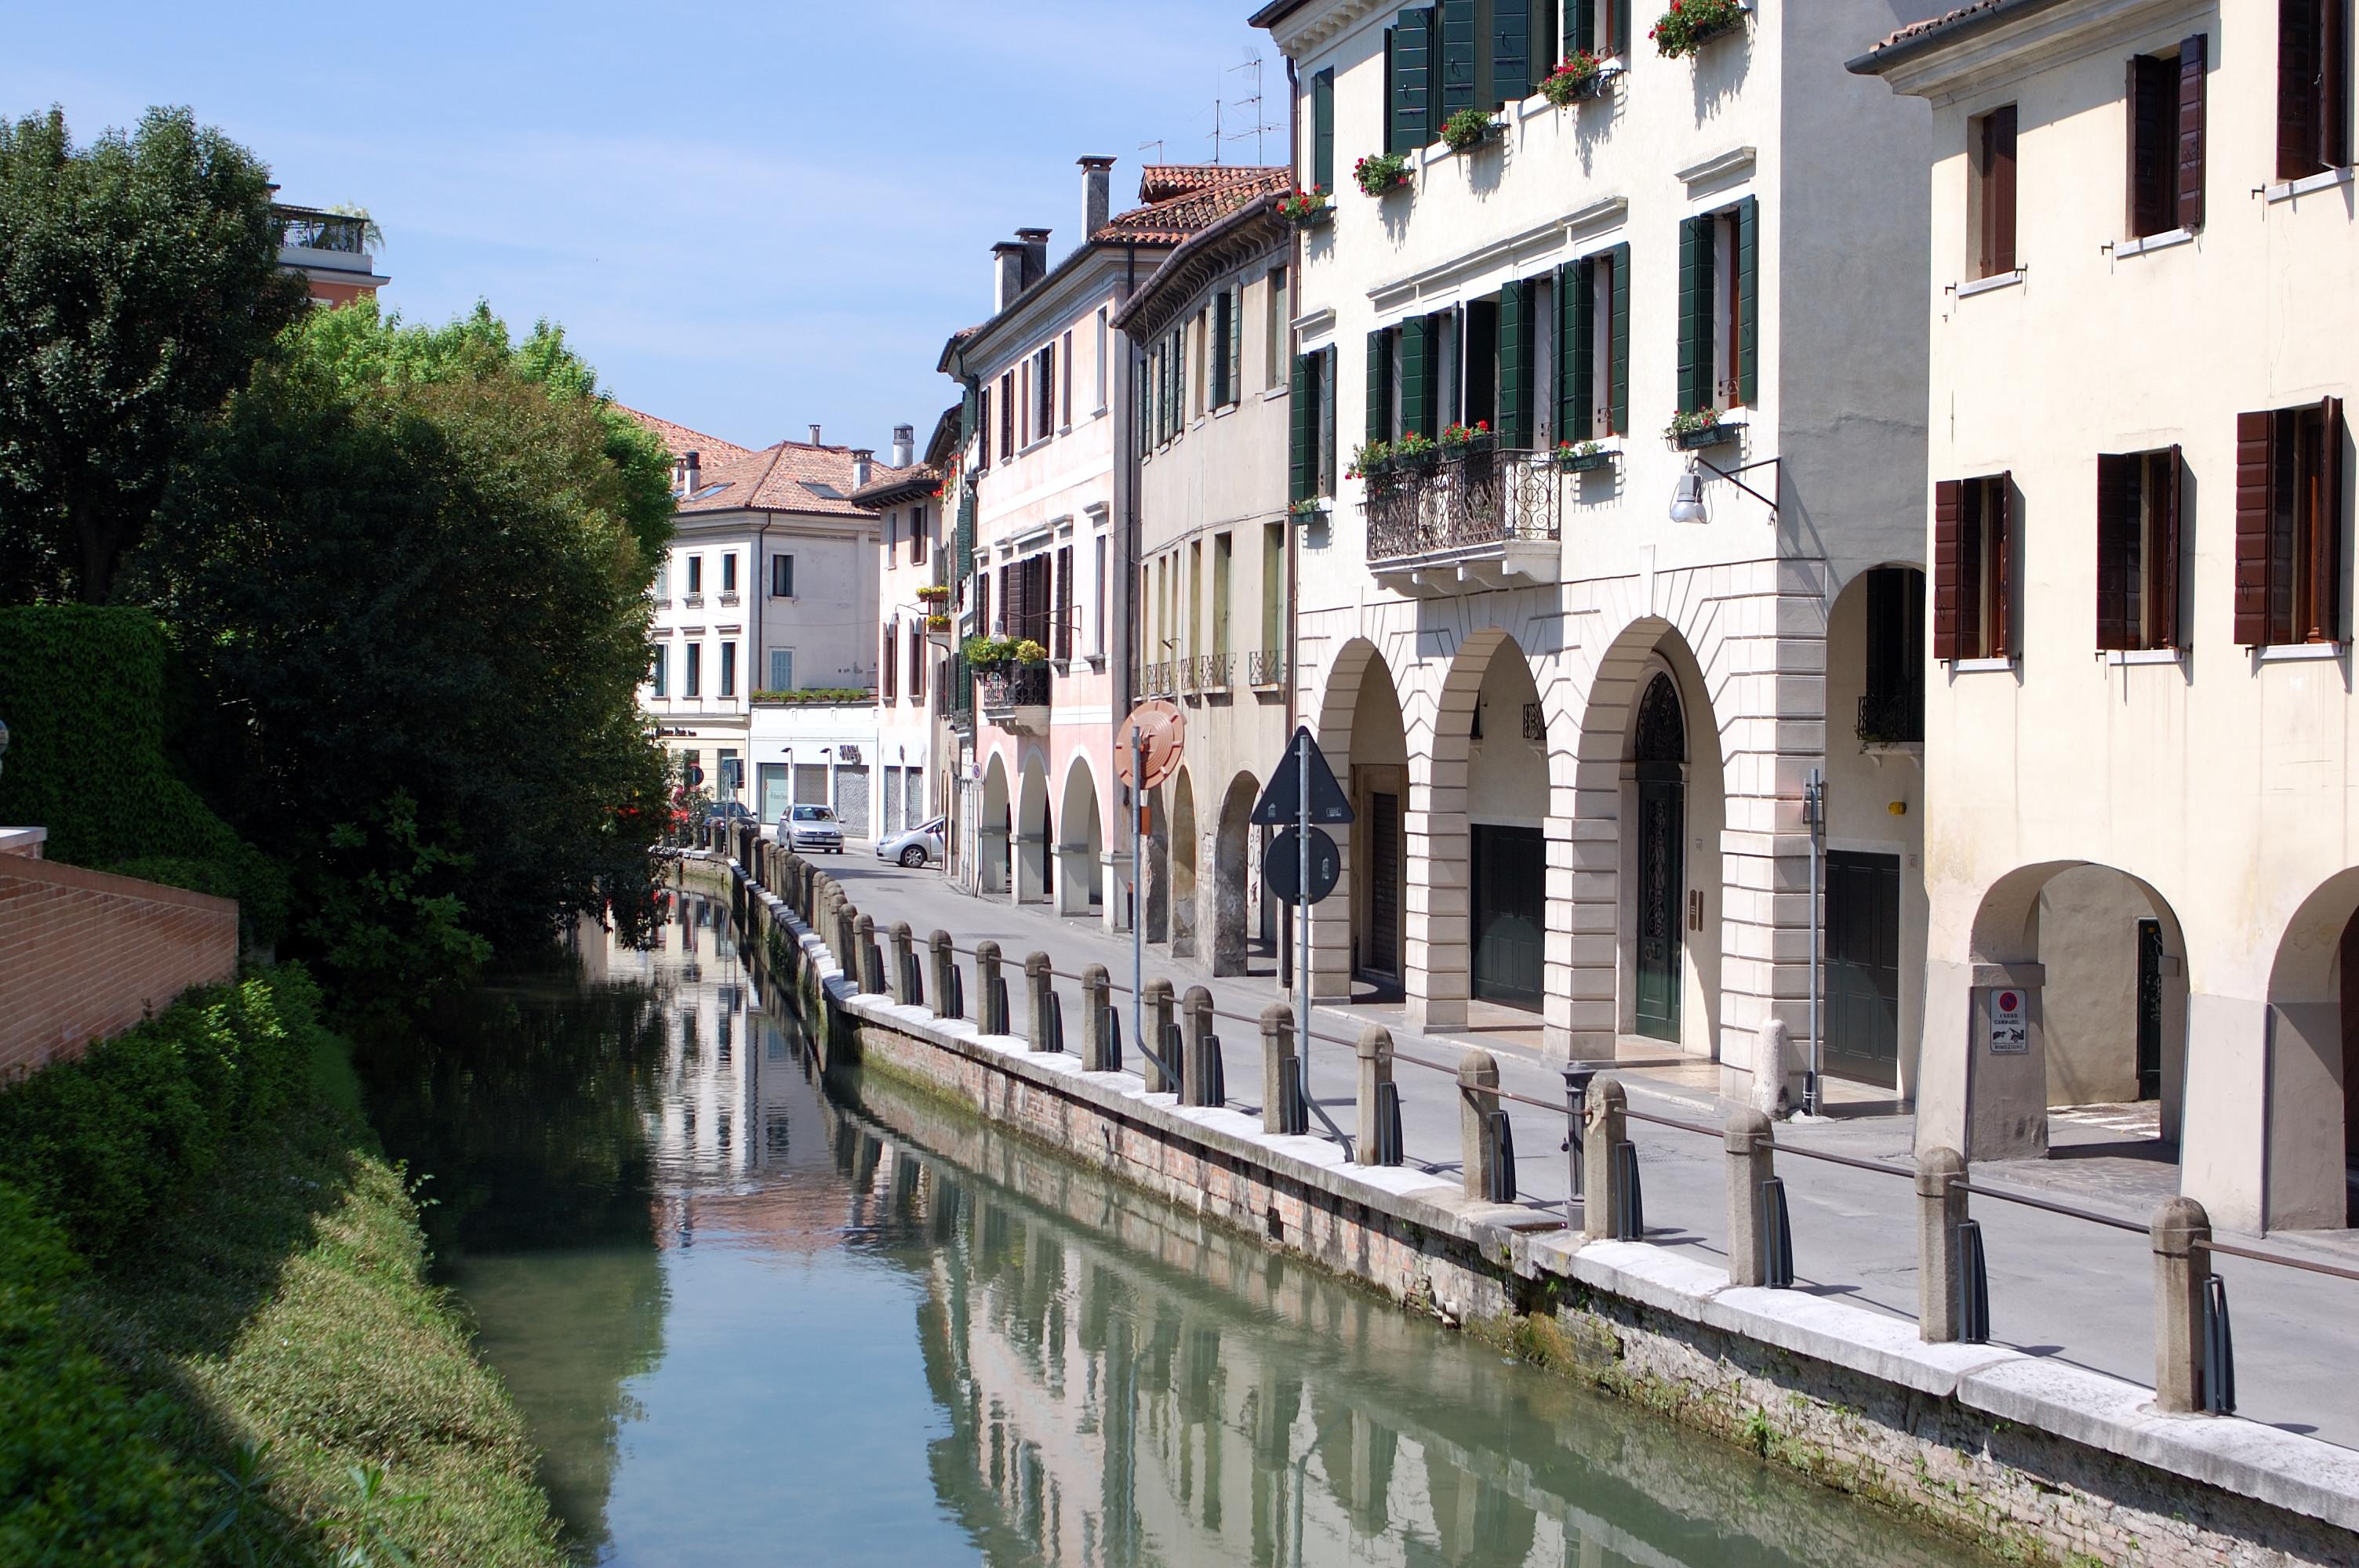 Uno scorcio di Treviso